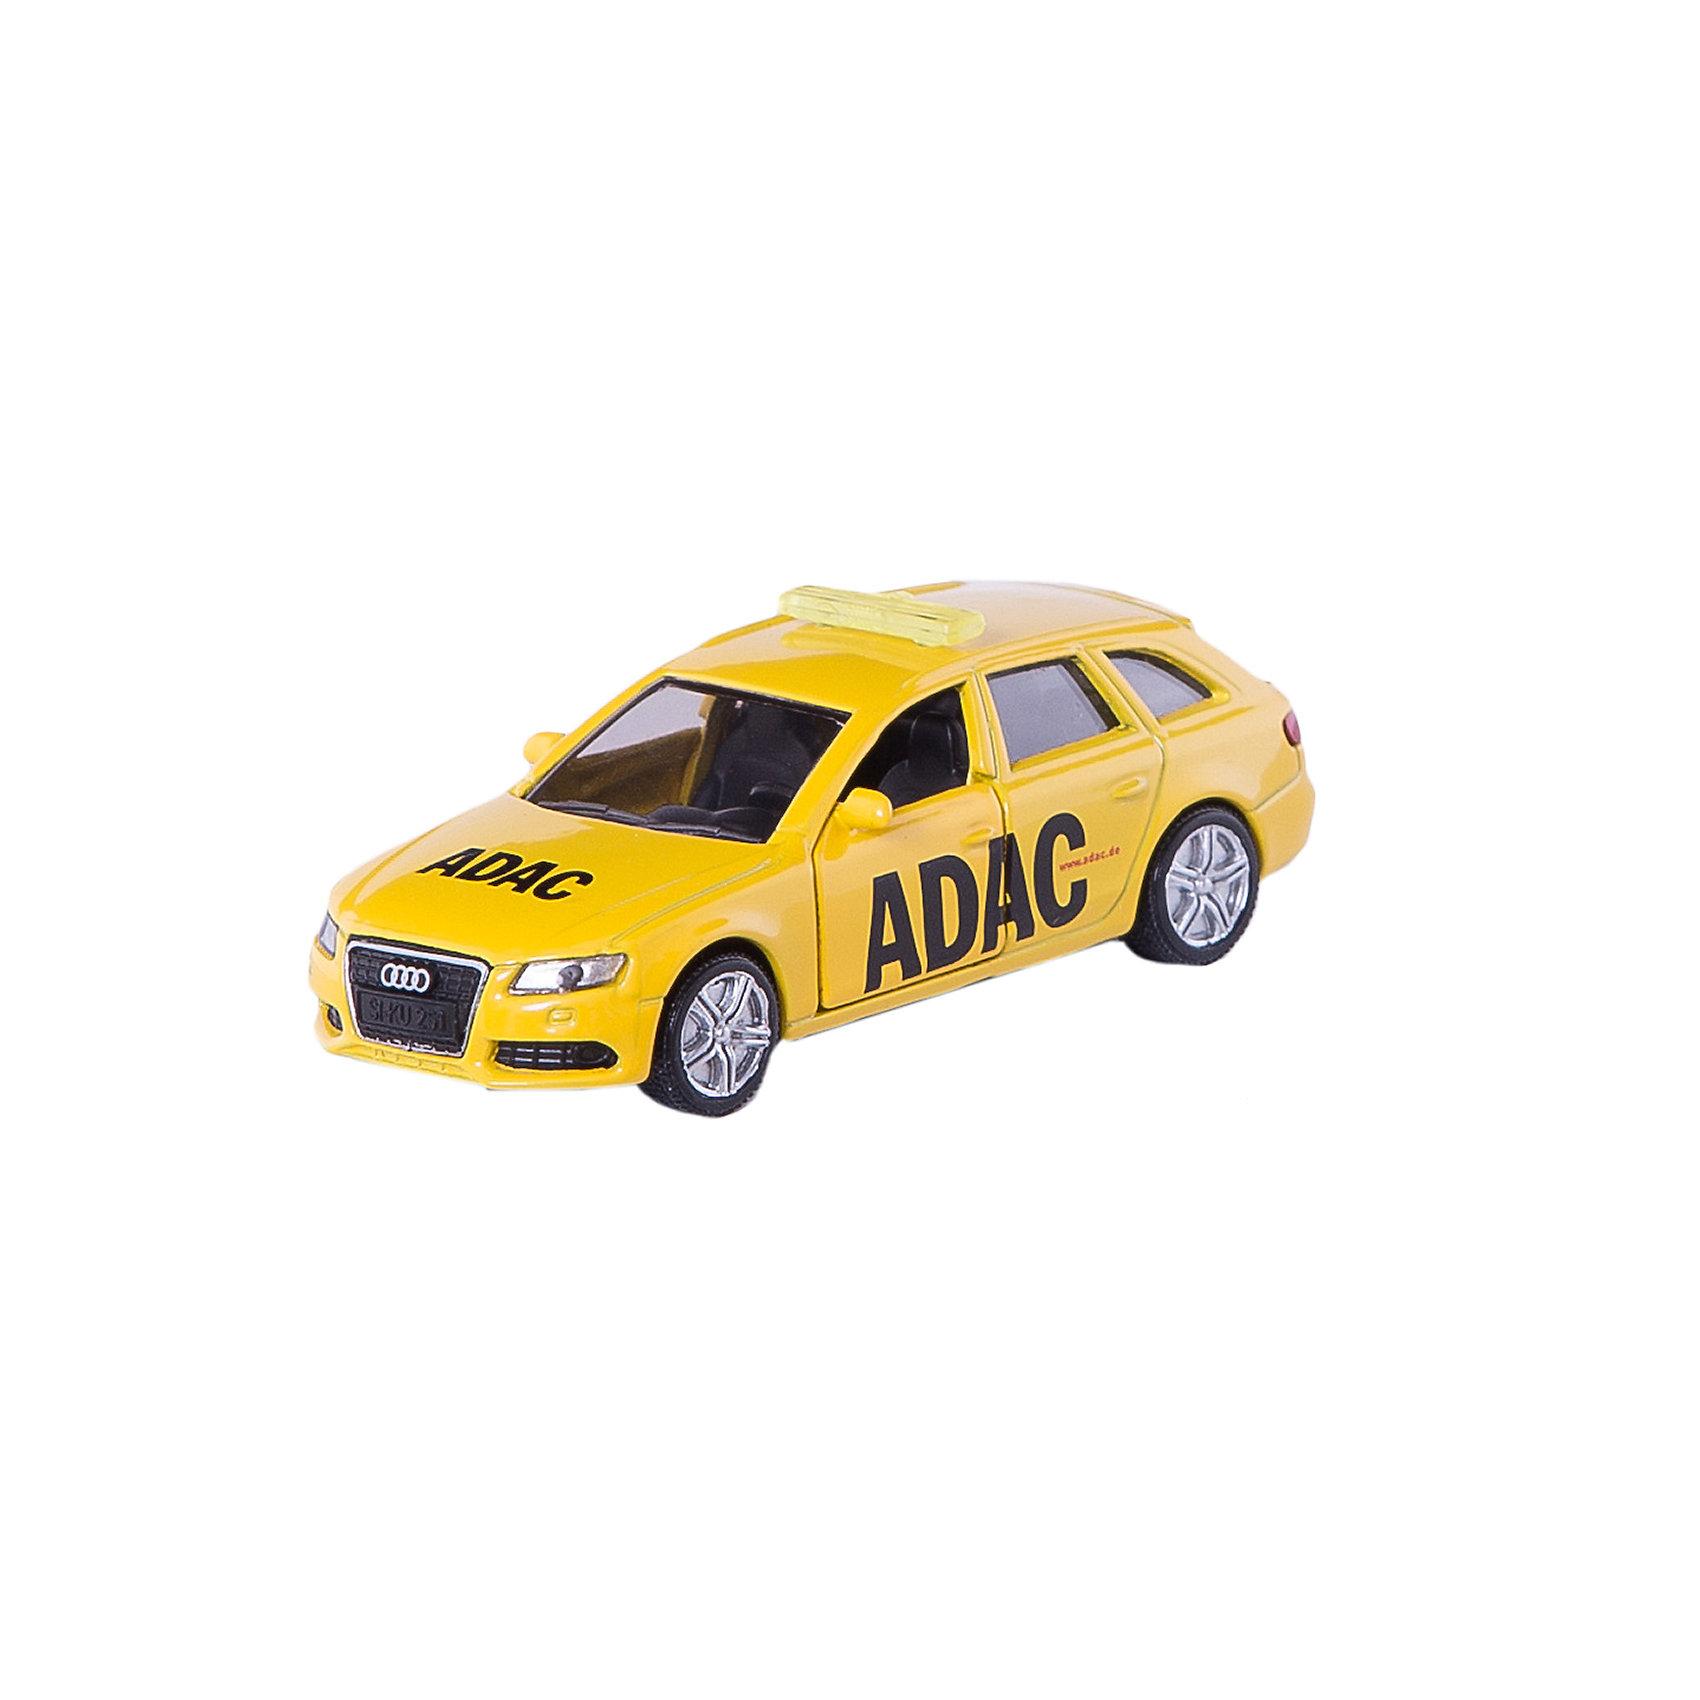 SIKU 1422 Автомобиль аварийной службы Всеобщего германского автомобильного клуба ADACМашинки<br>Автомобиль аварийной службы Всеобщего германского автомобильного клуба ADAC из серии SUPER фирмы SIKU. Знаменитая желтая машина в маленьком формате спешит на помощь. <br><br>Д/Ш/В: 89x36x33 мм<br><br>+++Примечание+++<br>Фирма SIKU оставляет за собой право на изменение цвета и технических характеристик моделей. При демонстрации новинок в ряде случаев используются оригинальные фотографии и прототипы. Поставляемая модель может отличаться от представленной на фотографии.<br><br>Ширина мм: 96<br>Глубина мм: 78<br>Высота мм: 35<br>Вес г: 62<br>Возраст от месяцев: 36<br>Возраст до месяцев: 96<br>Пол: Мужской<br>Возраст: Детский<br>SKU: 1439856